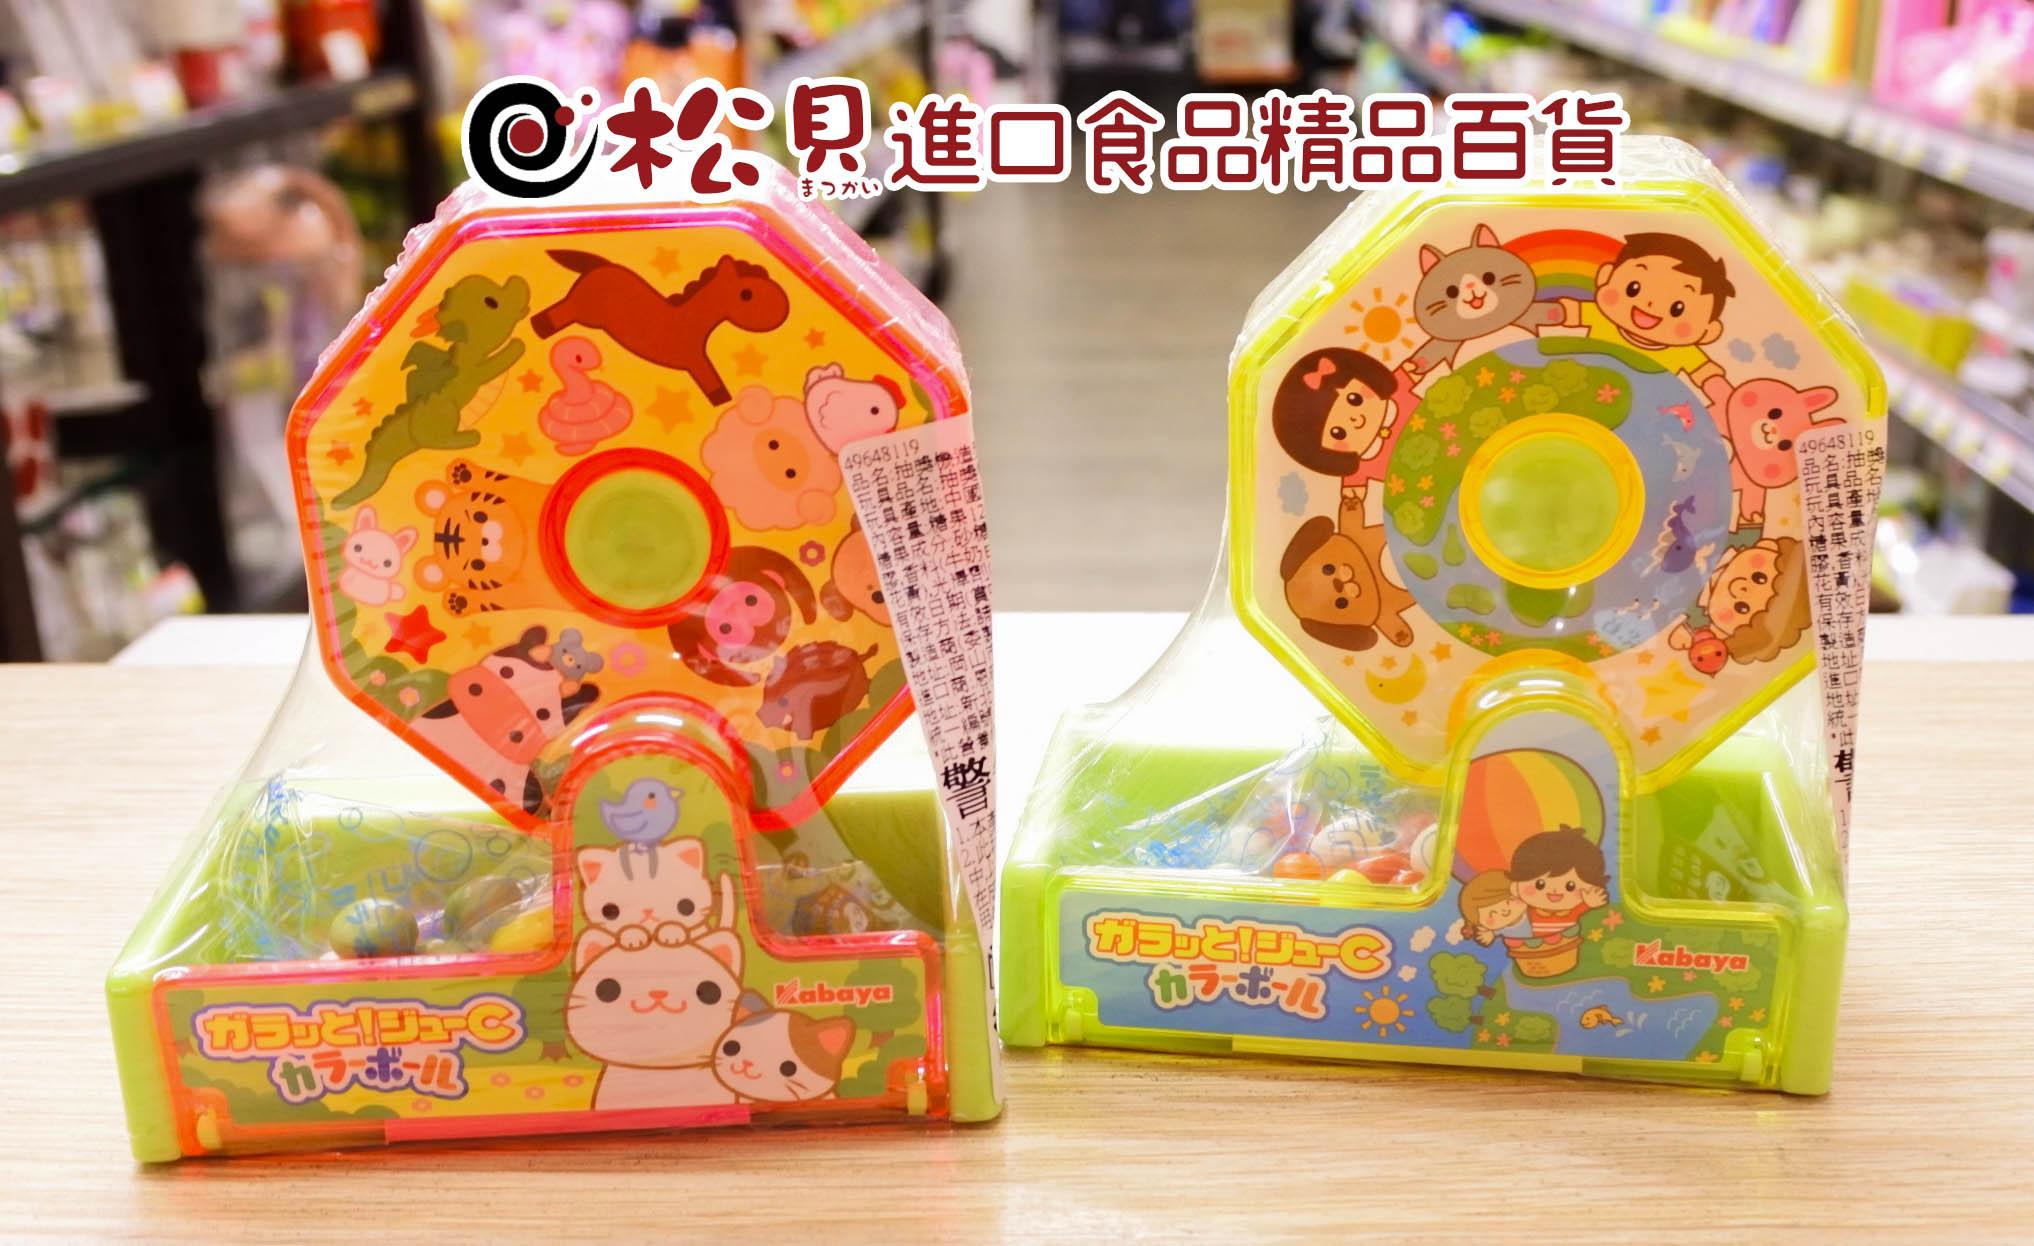 卡巴日本抽獎機造型糖果12g.JPG